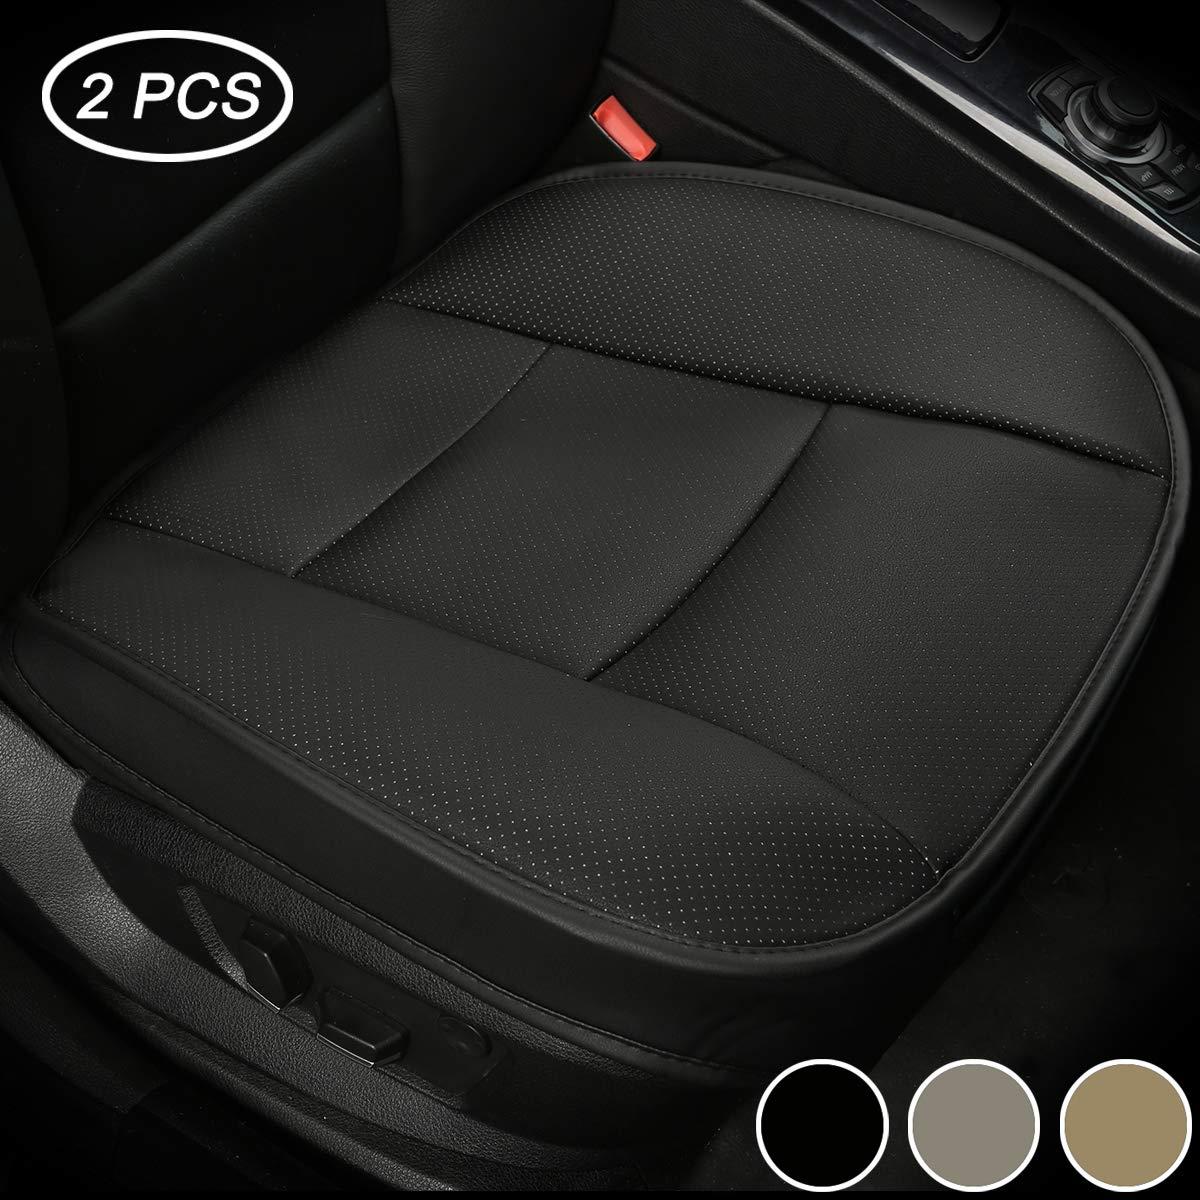 2 Pezzi Nero LUOLLOVE Coprisedili Universale Auto Anteriori Super Soft Confortevole Traspirante PU Protezione per Sedile Autoo